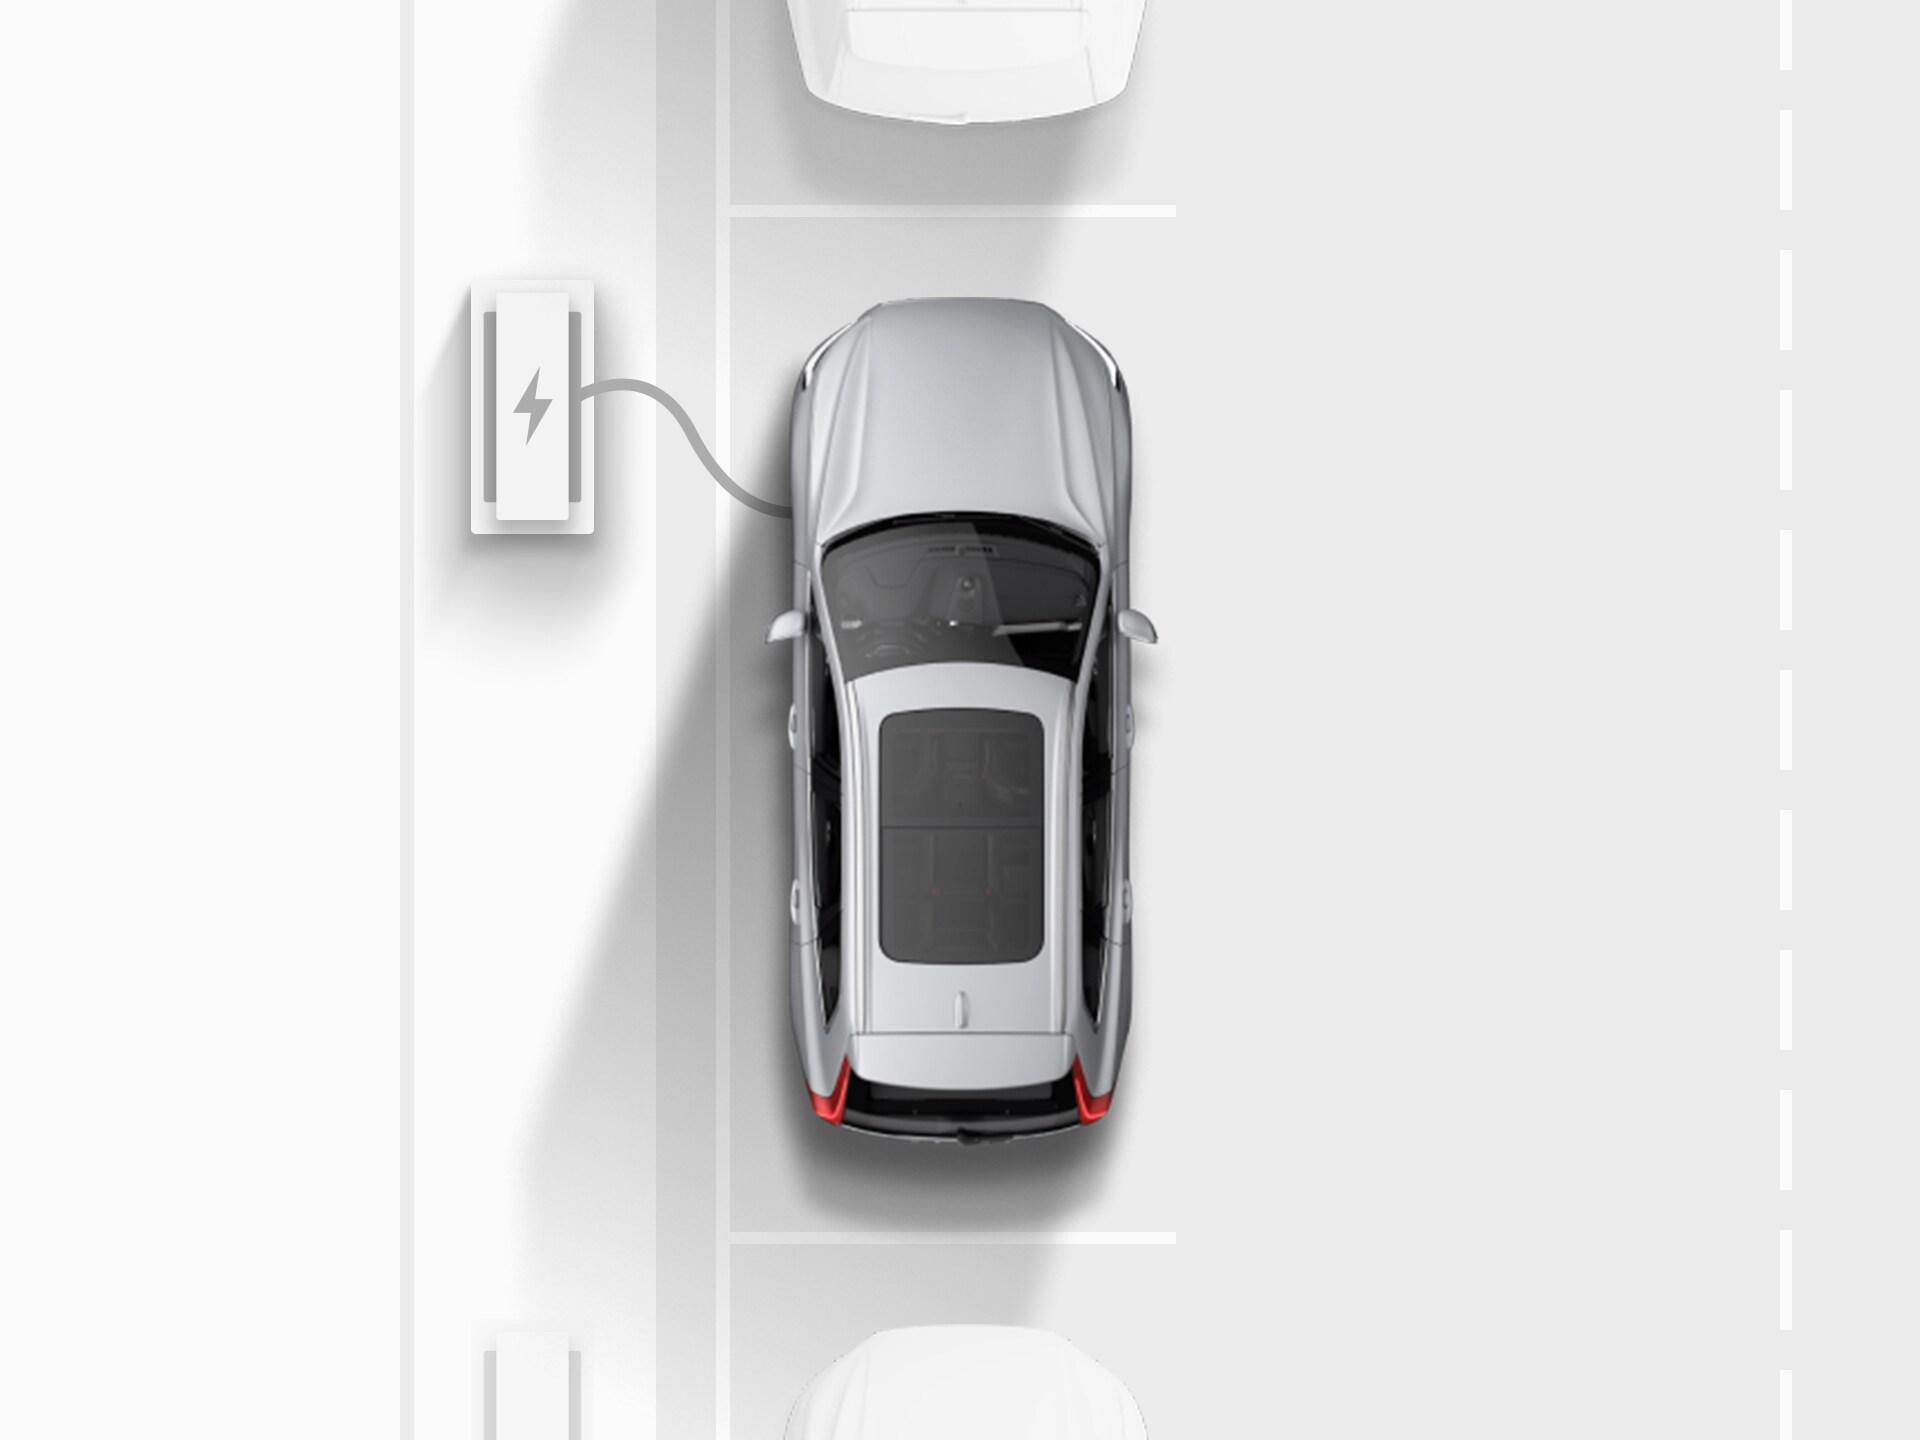 Digitale Zeichnung mit der Draufsicht eines silberfarbenen rein elektrischen Volvo XC40 Recharge SUV, das an einer öffentlichen Straße parallel geparkt und an einer Ladestation angeschlossen ist.